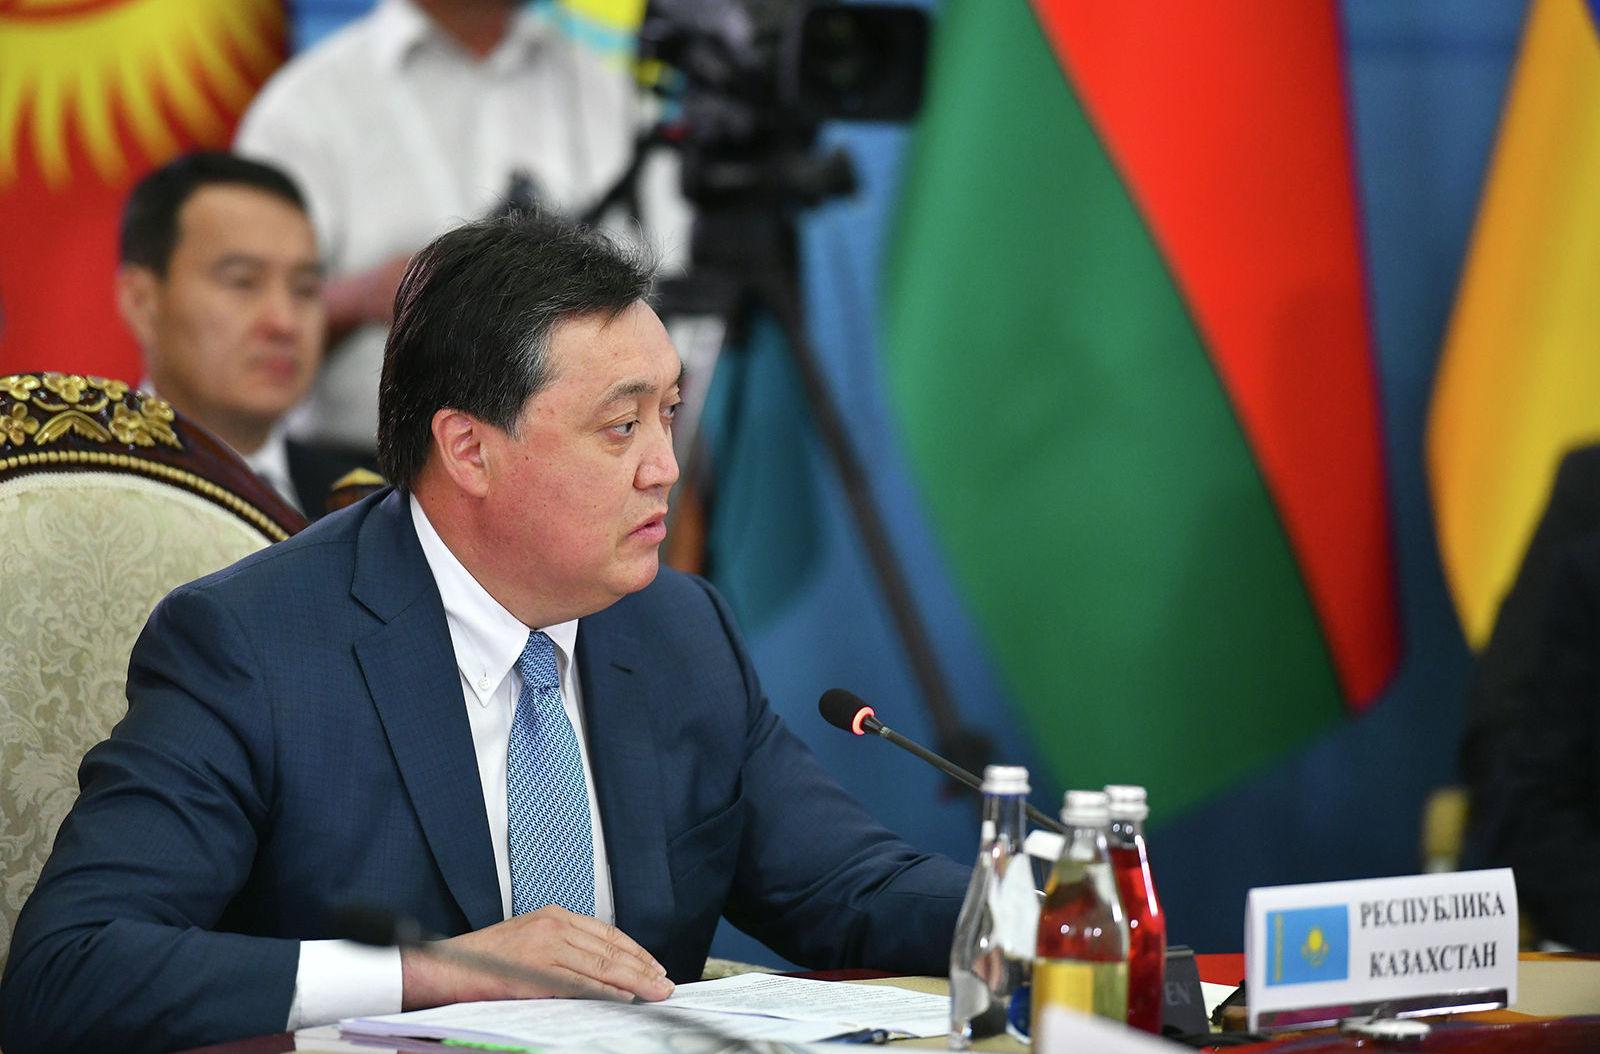 Премьер-министр Казахстана Аскар Мамин на заседании Евразийского межправительственного совета стран Евразийского экономического союза (ЕАЭС) в составе делегаций в культурно-этнографическом комплексе Рух в Чолпон-Ате.